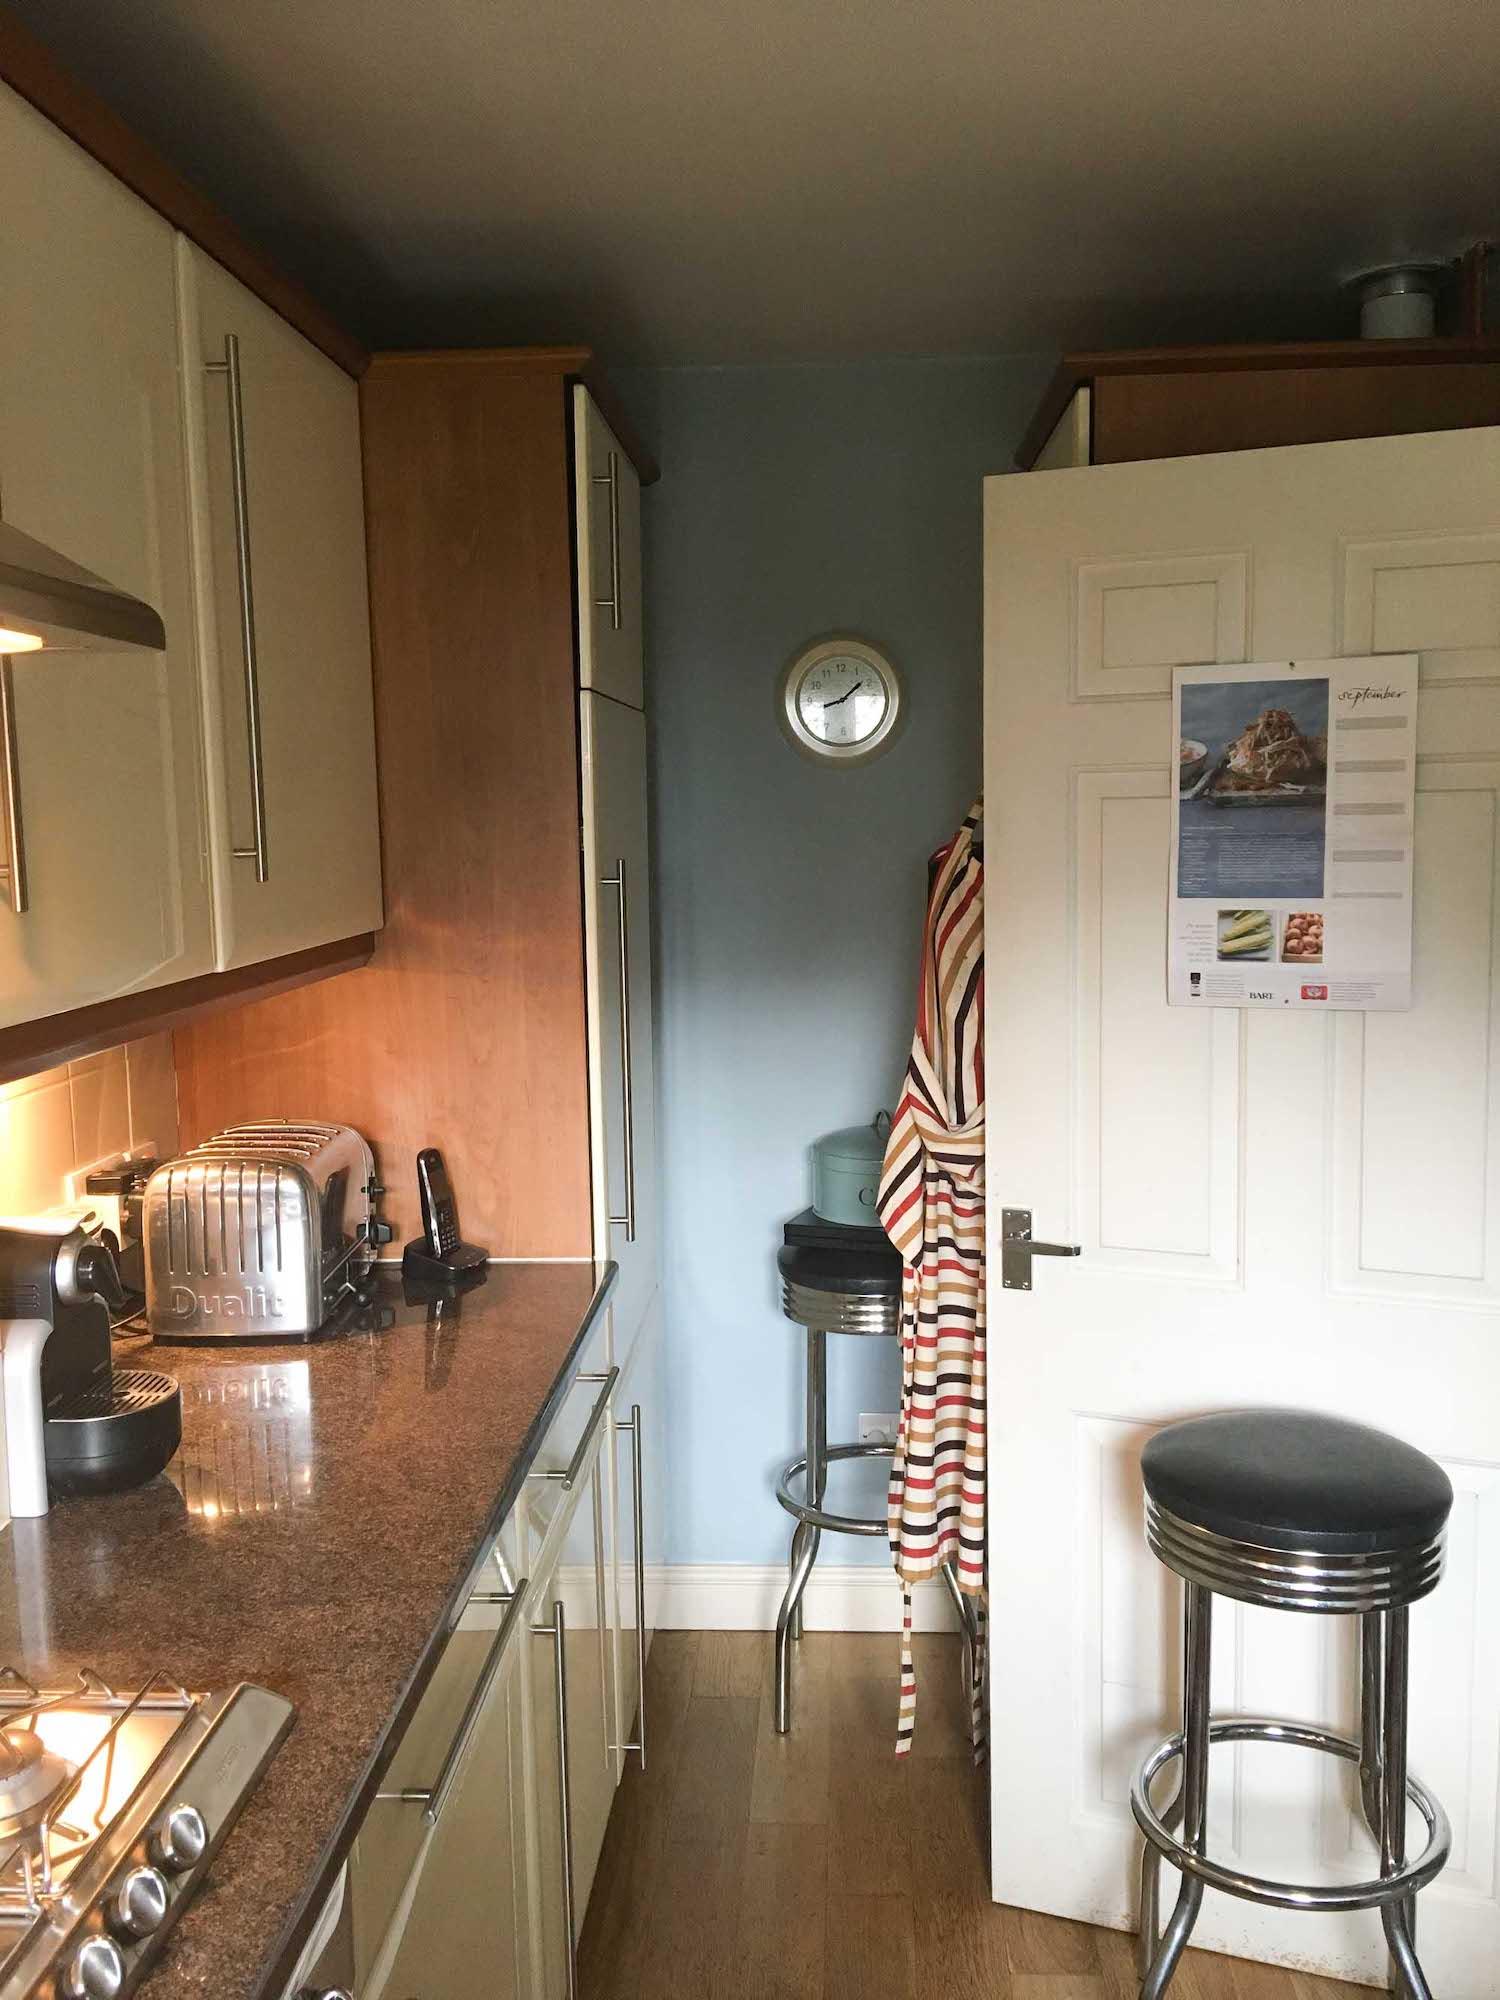 1 kitchen refurb before.jpg